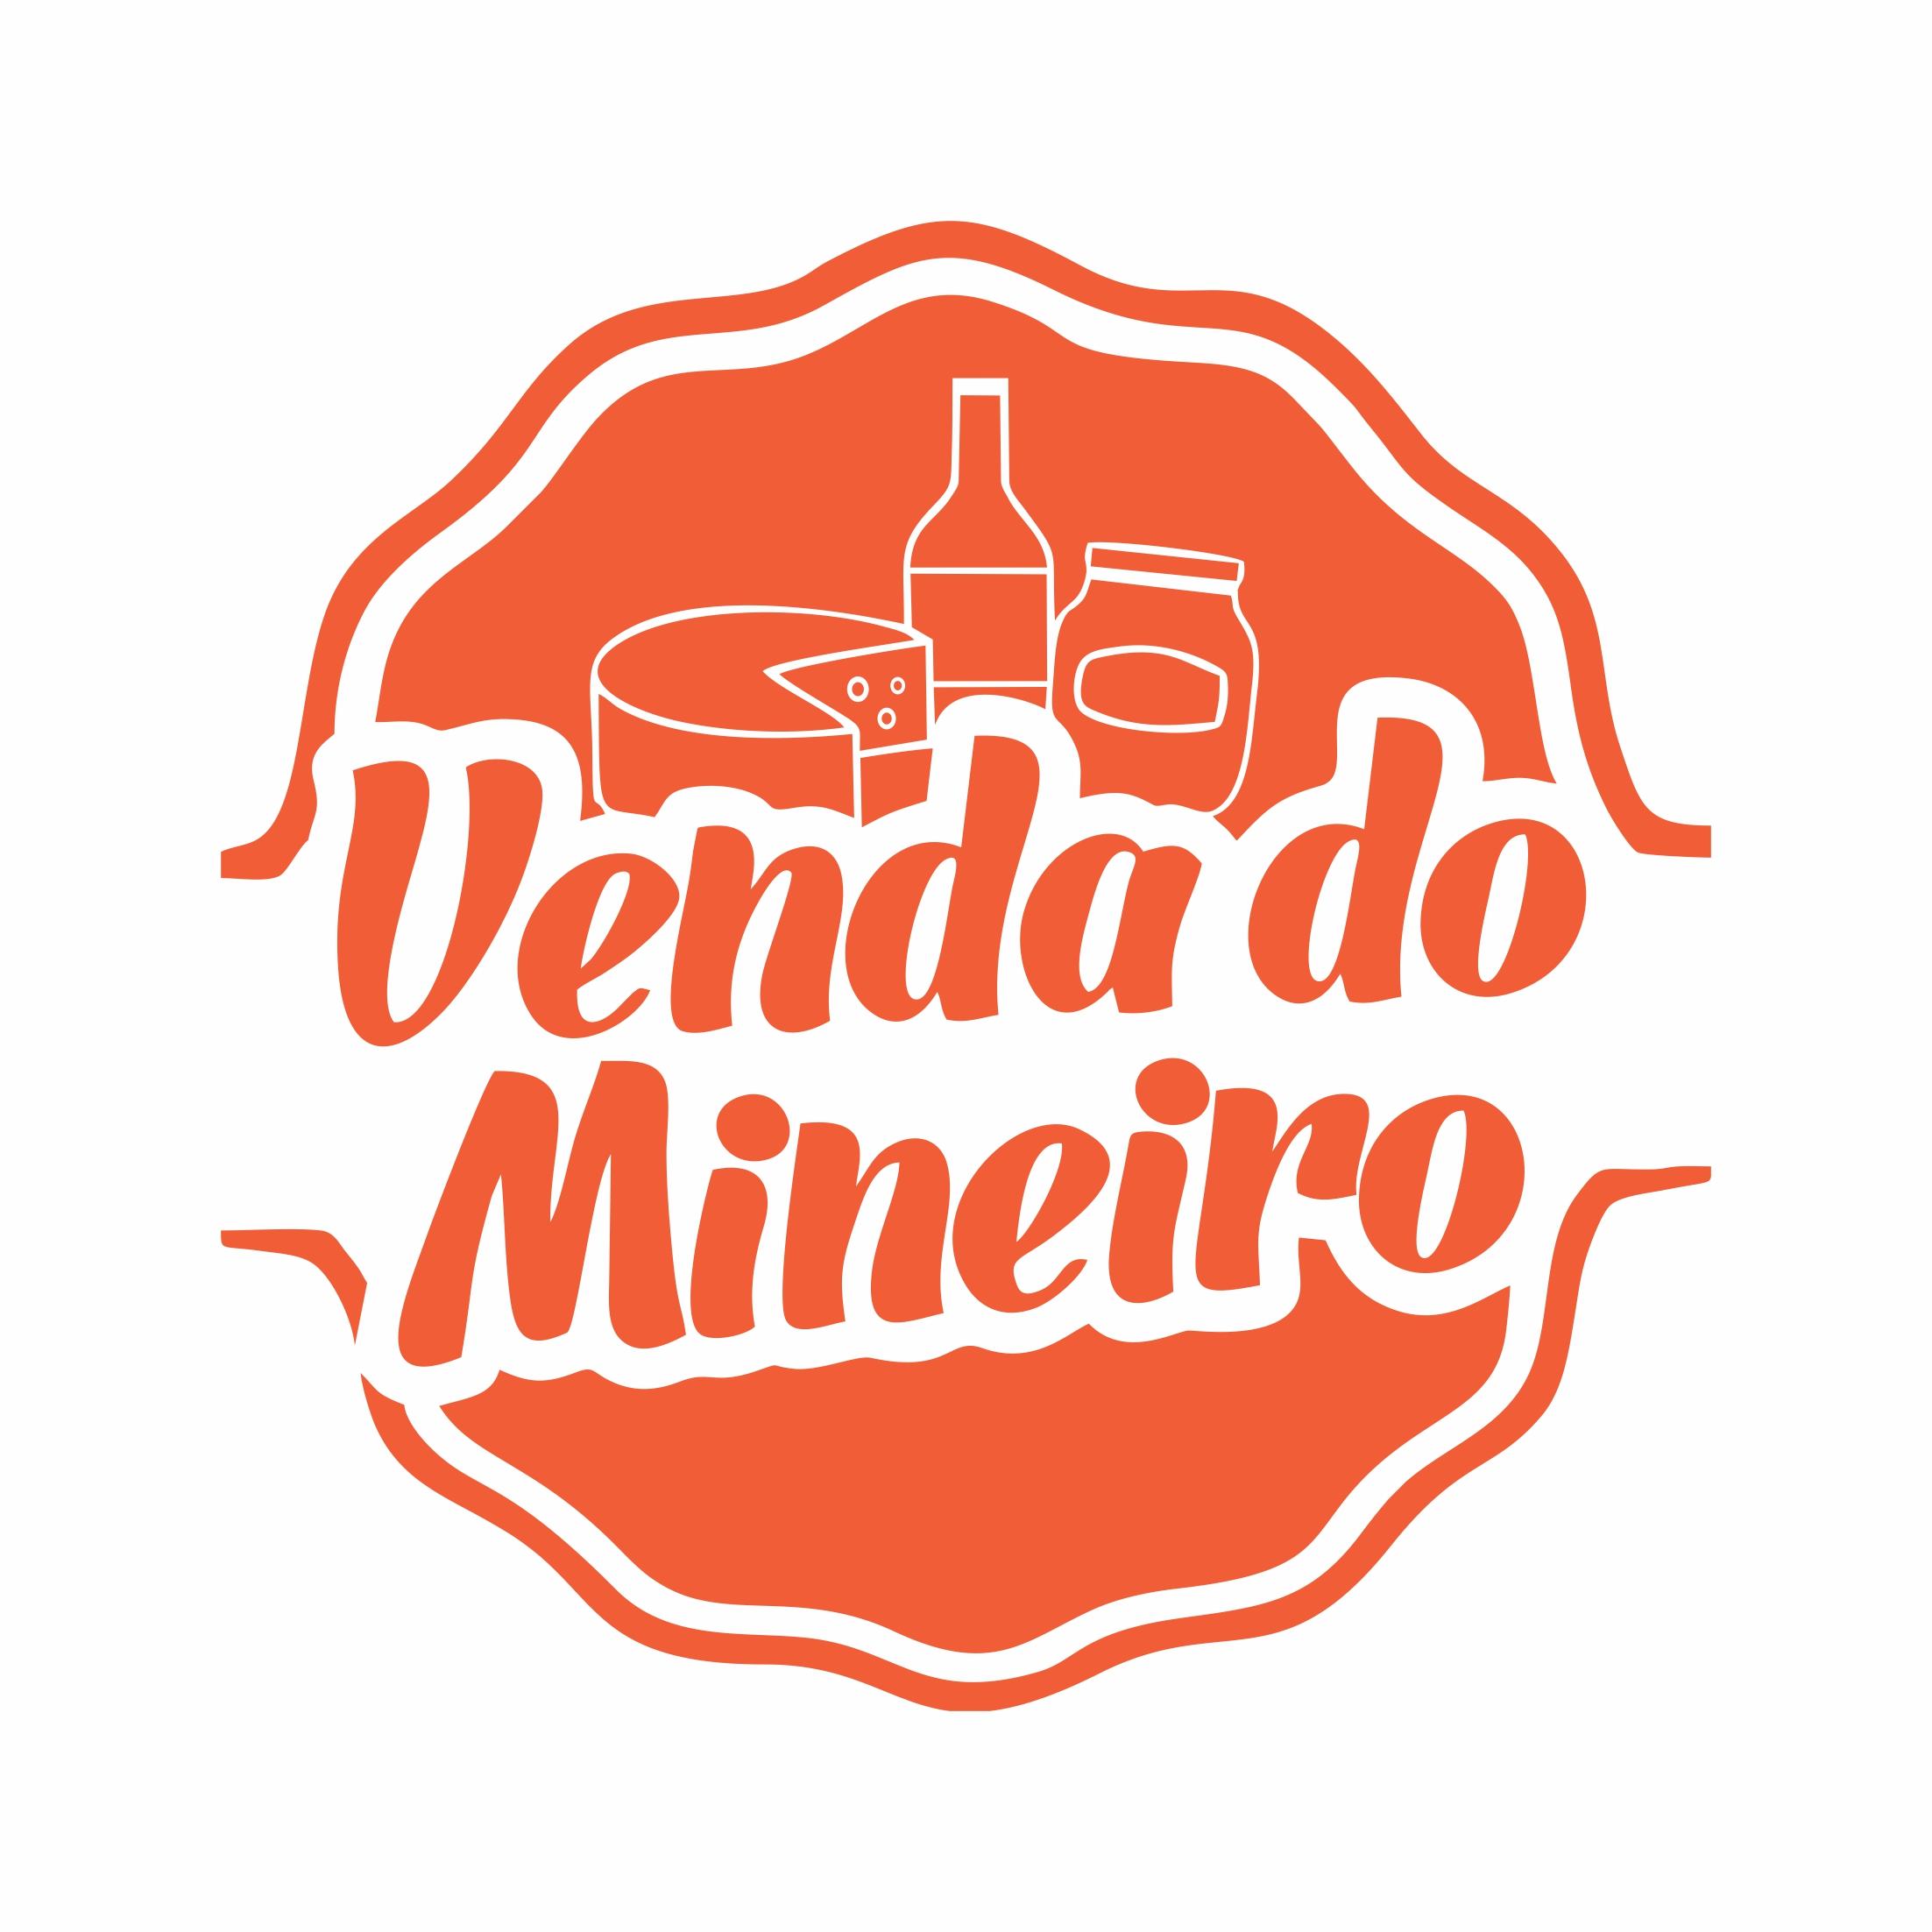 Venda do Mineiro